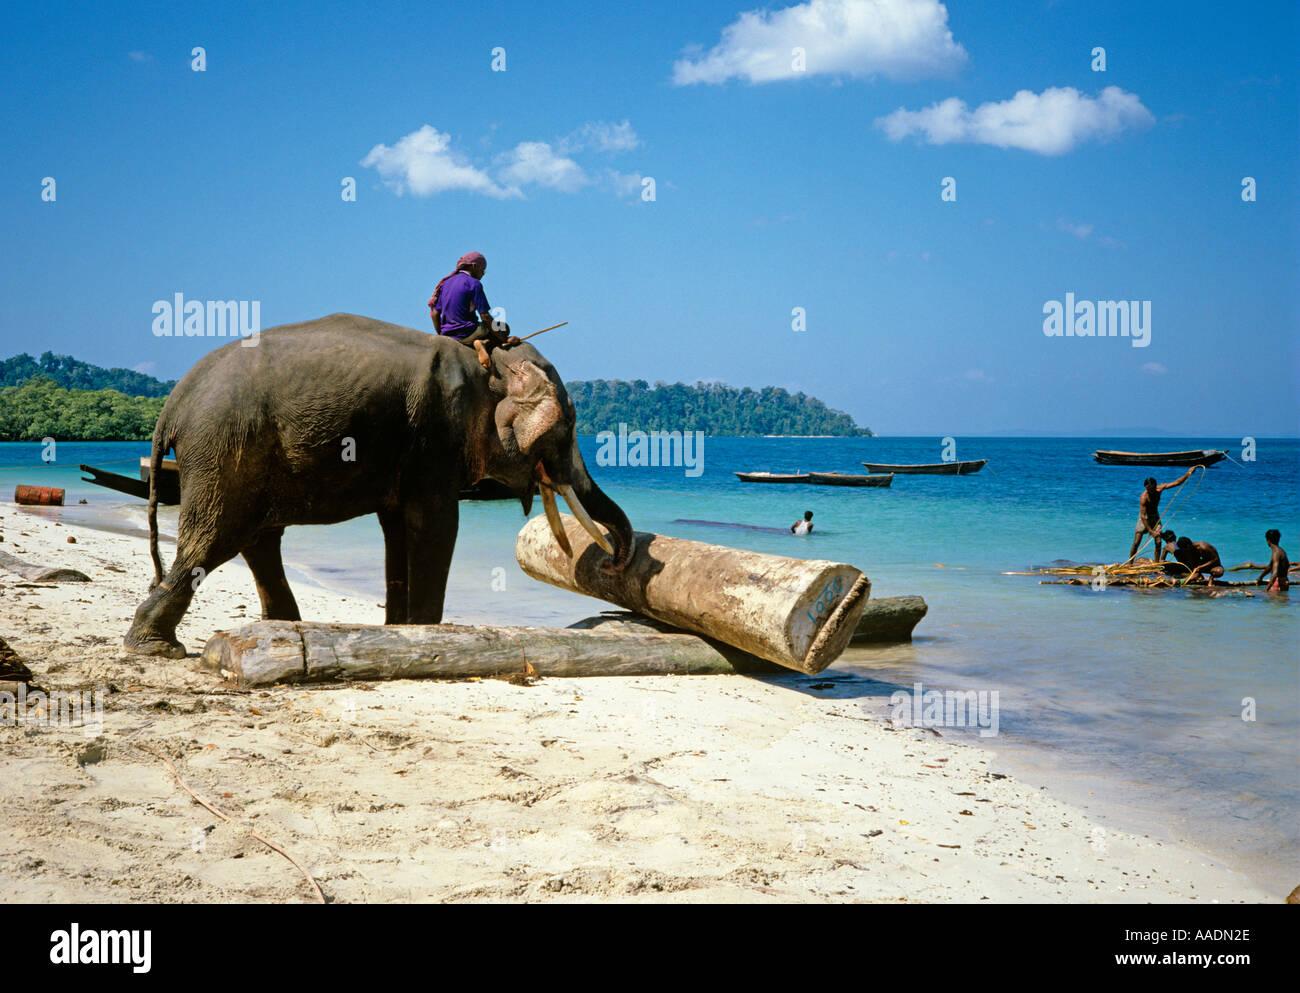 India Andaman Islands Havelock Island Elephant Moving Logs